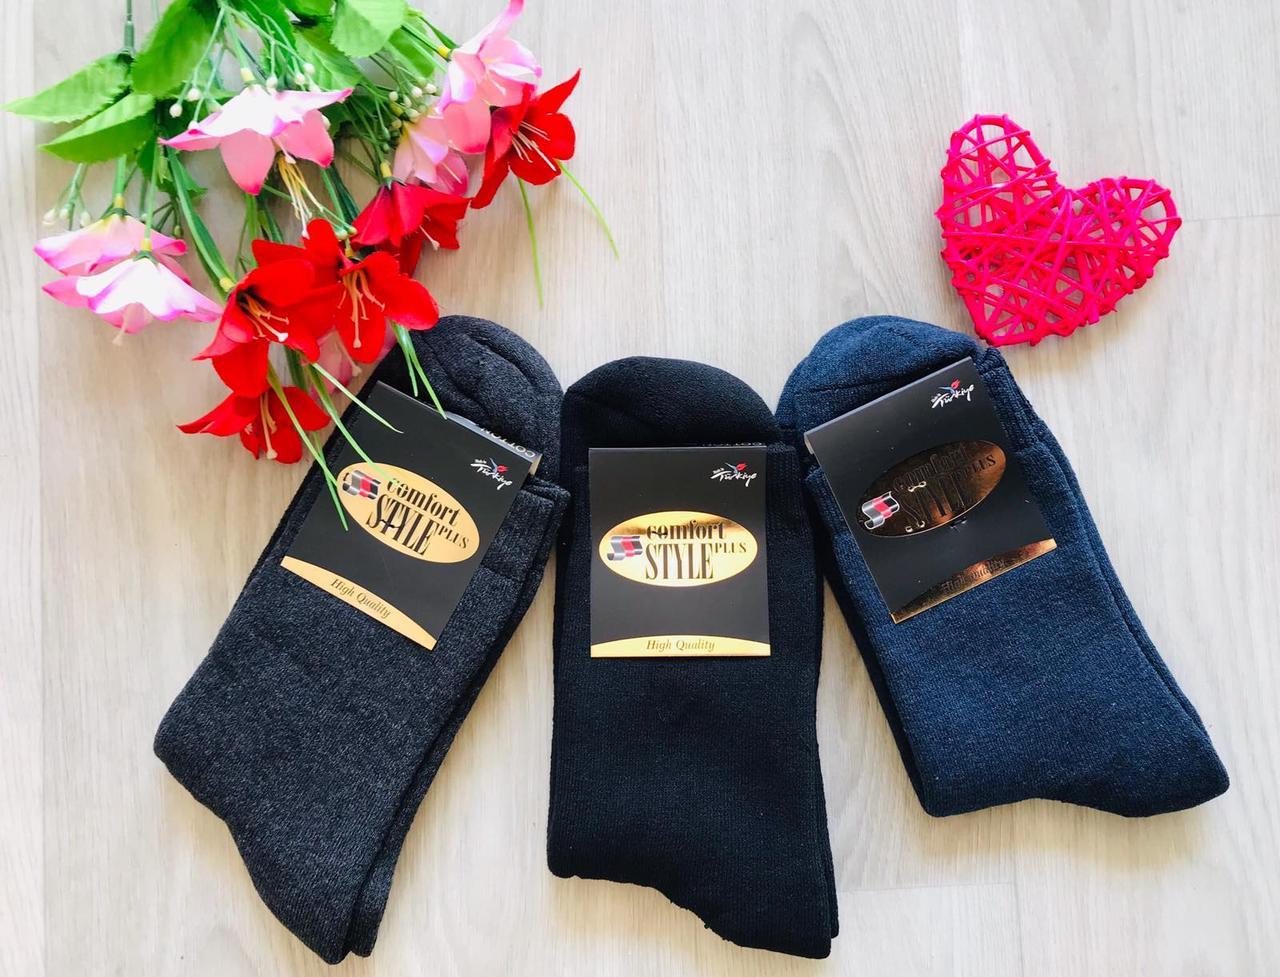 Носки мужские зимние махровые хлопок Comfort Style размер 42-44 ассорти